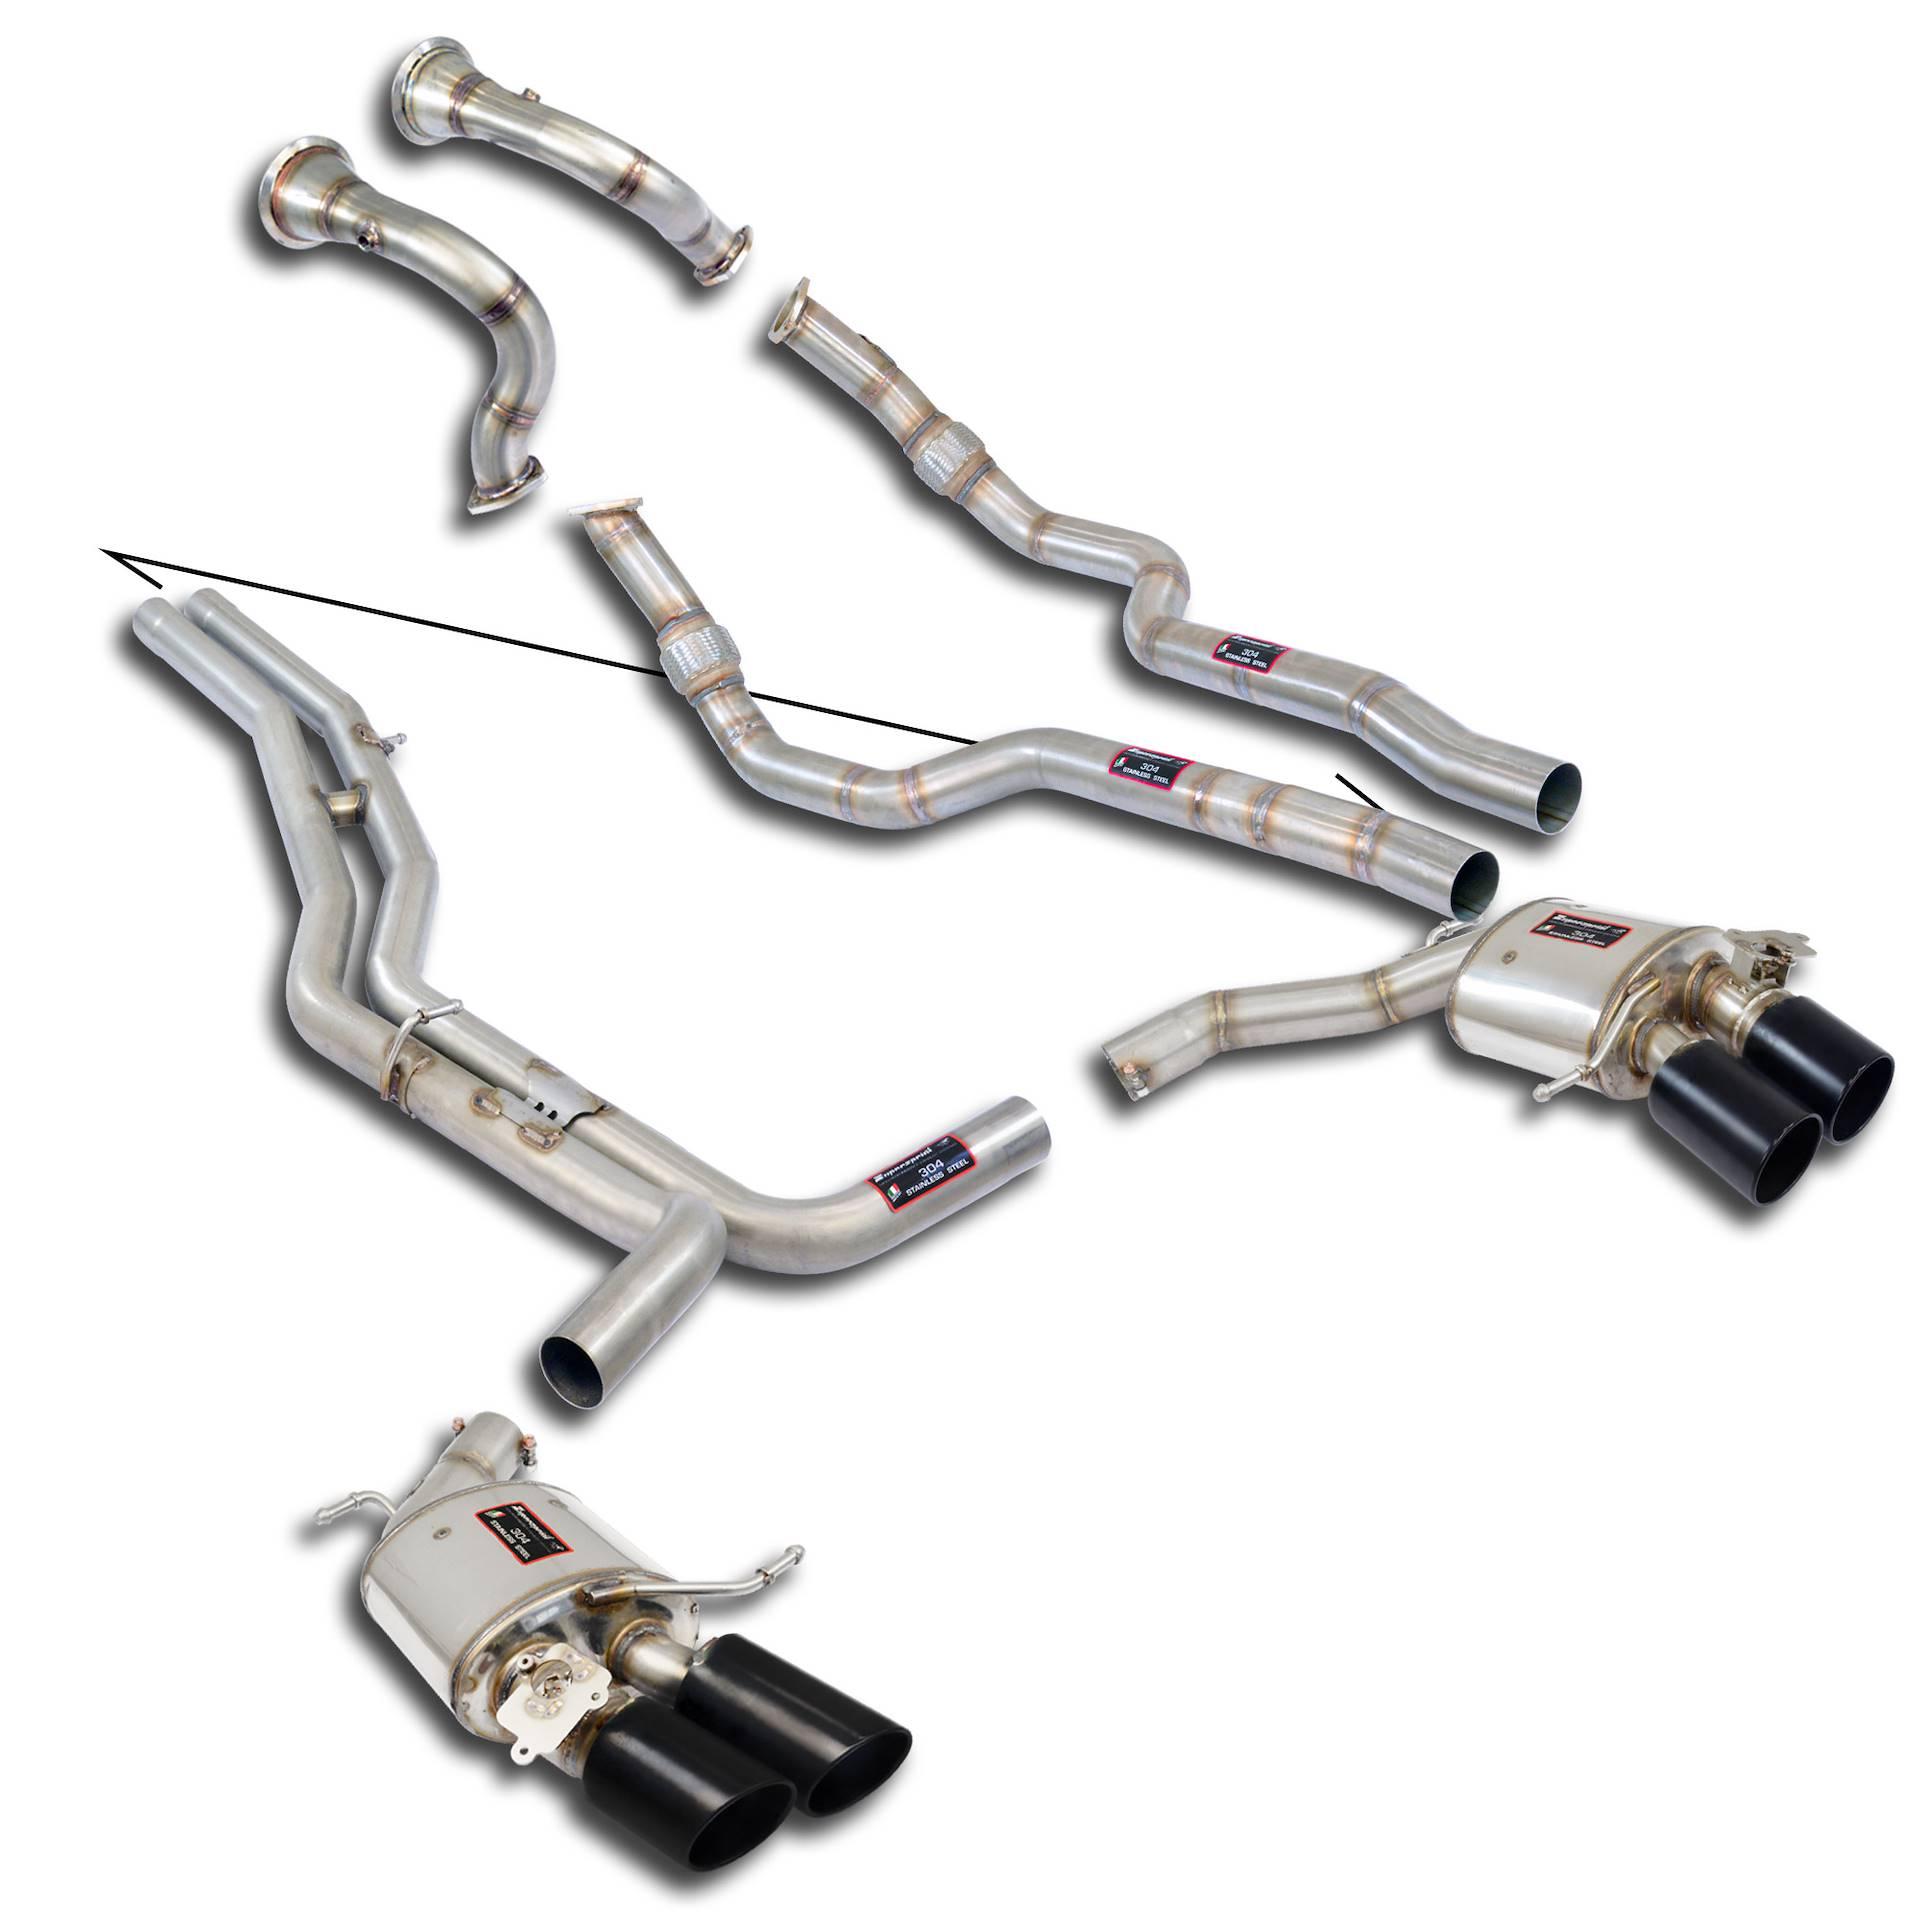 Supersprint fra Danspeed til Audi RS7 Quattro Sportback 4.0 TFSI V8